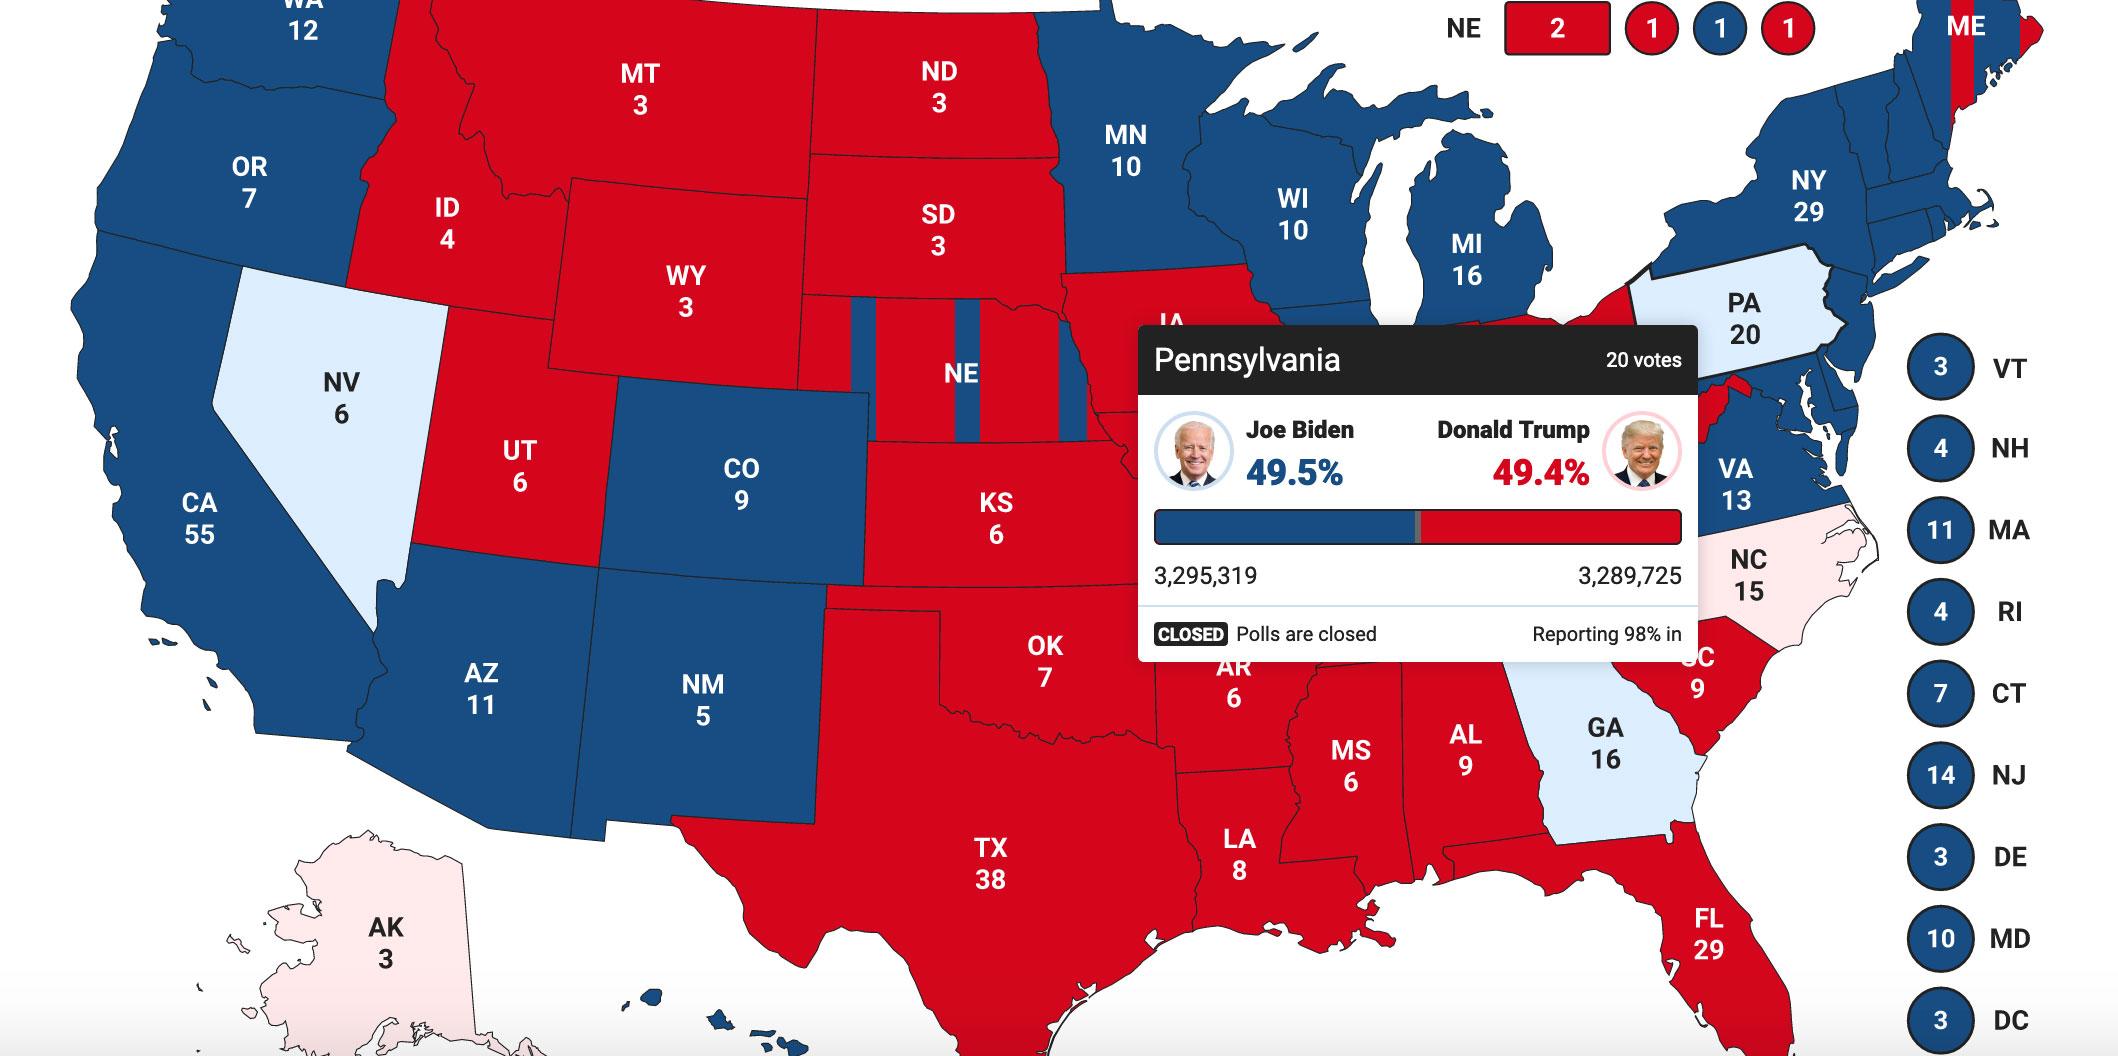 χάρτης αμερικανικές εκλογές